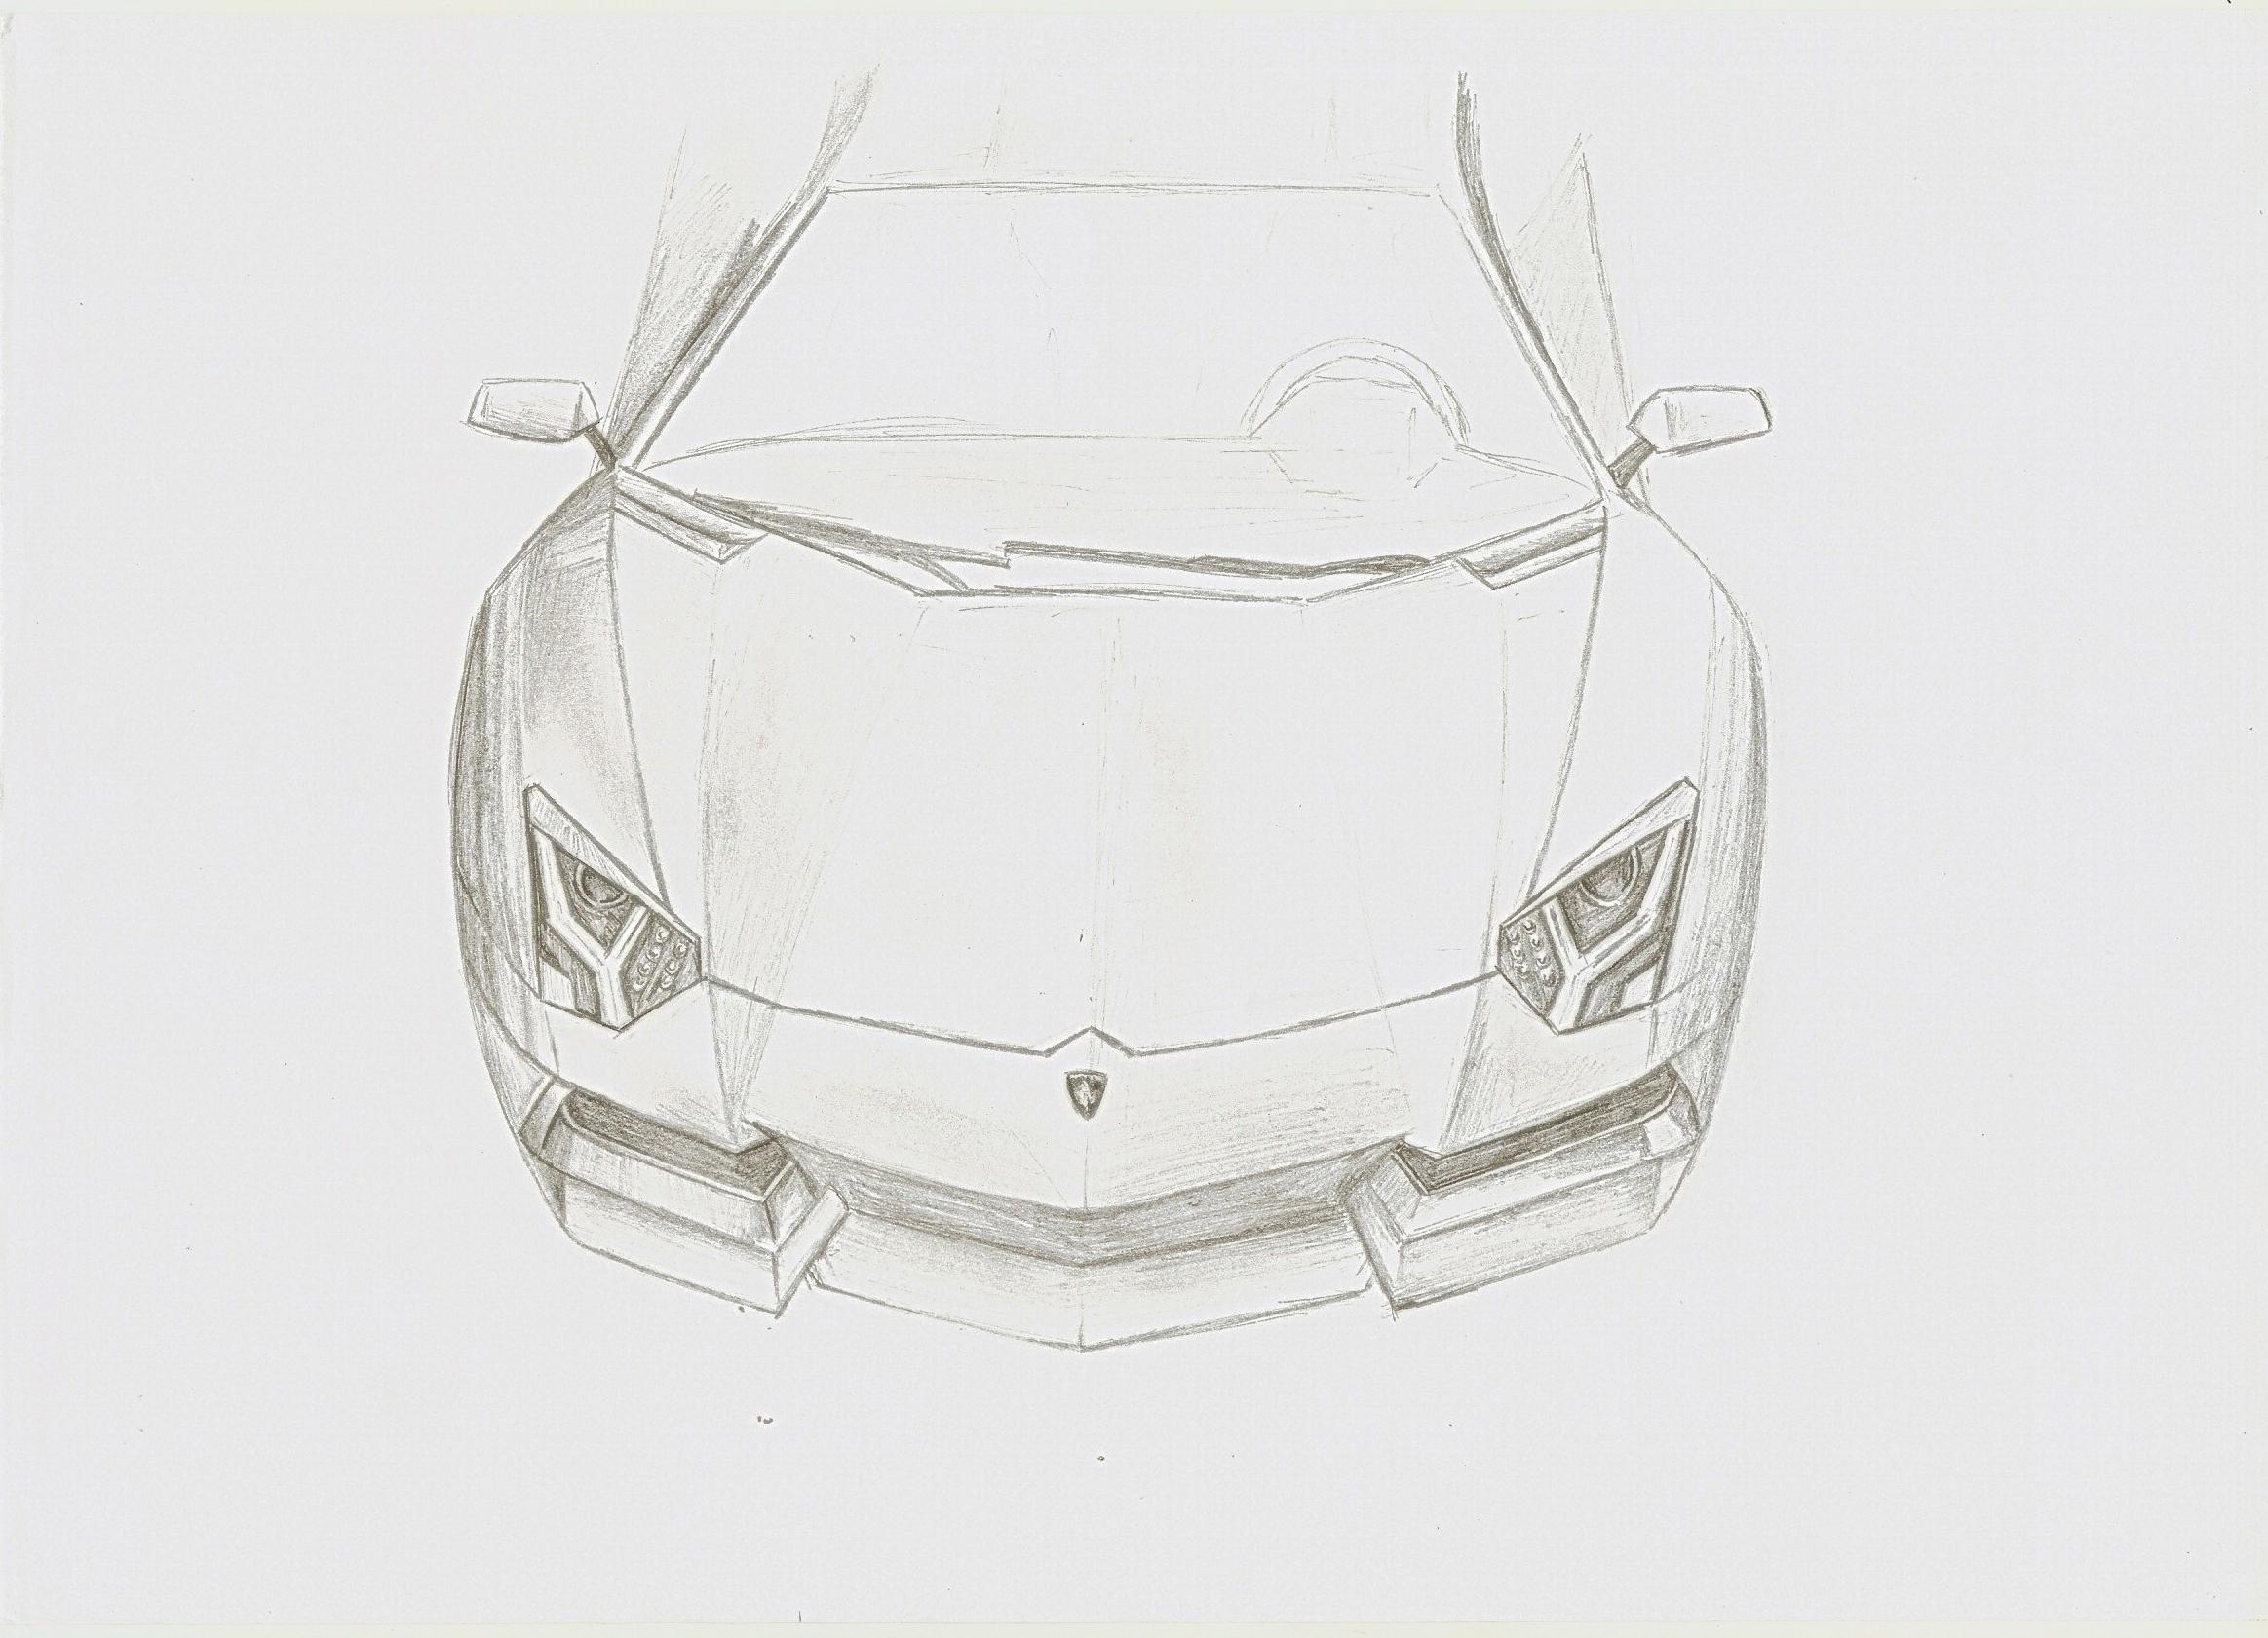 How To Draw A Lamborghini Murcielago besides How To Draw A Lamborghini Gallardo Side View furthermore Easy Car Drawing in addition Easy Car Drawing moreover Car Designs. on how to draw a lamborghini gallardo side view